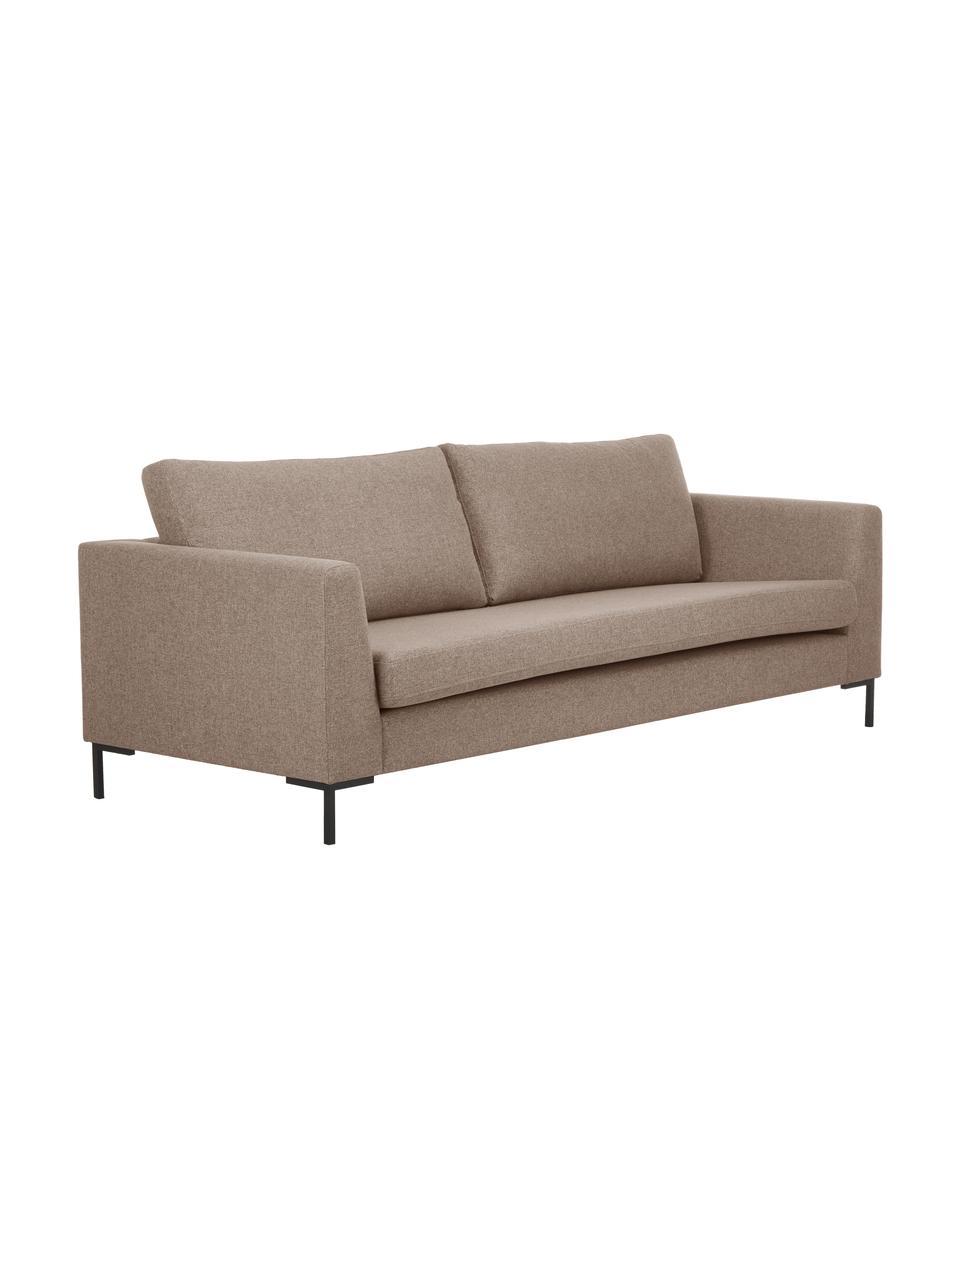 Sofa Luna (3-Sitzer) in Braun mit Metall-Füßen, Bezug: 100% Polyester Der hochwe, Gestell: Massives Buchenholz, Füße: Metall, galvanisiert, Webstoff Braun, B 230 x T 95 cm